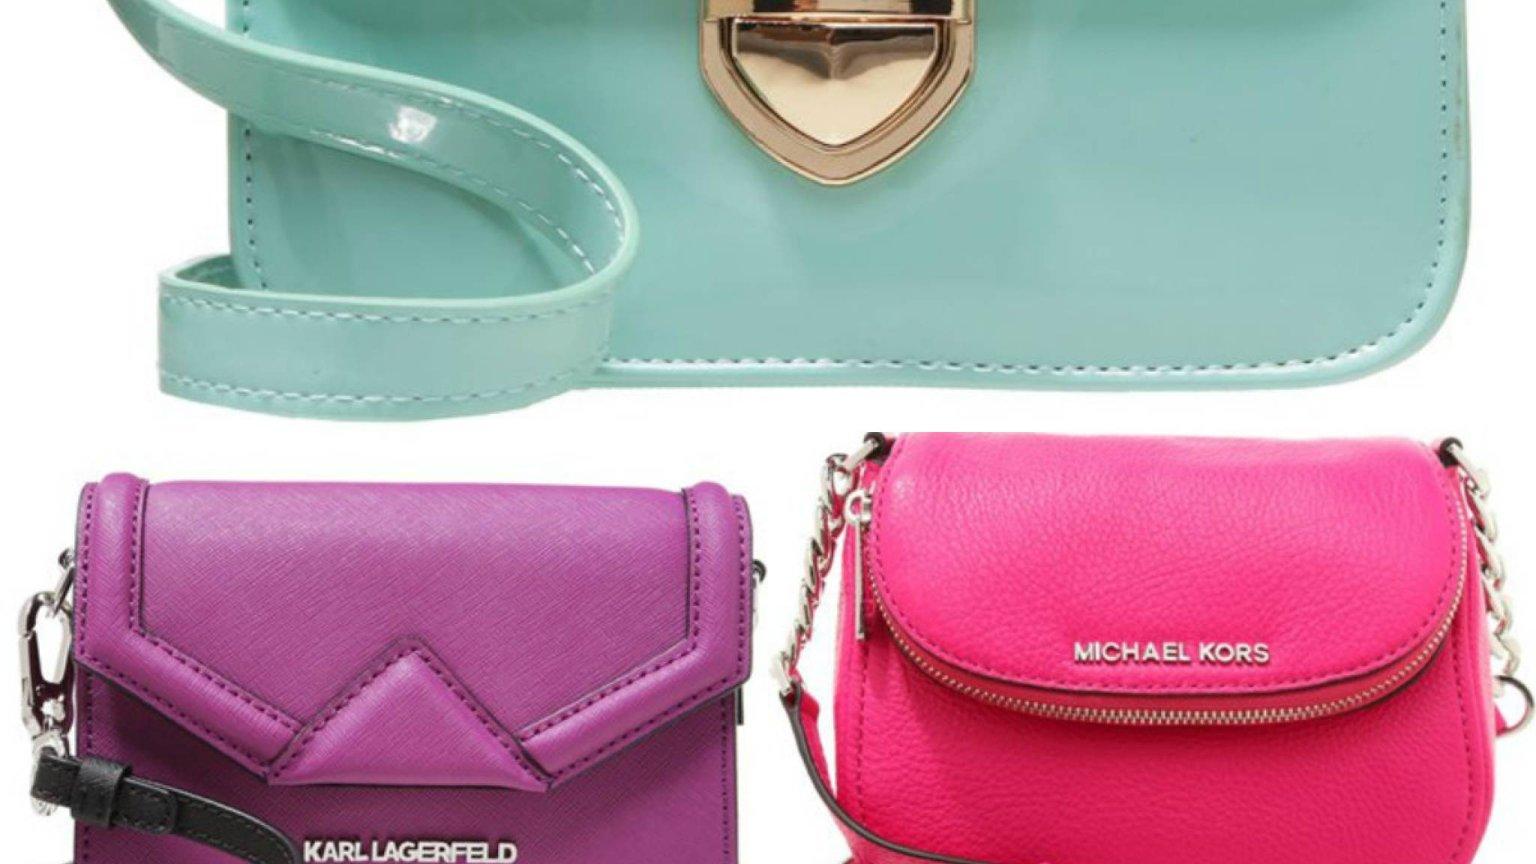 3e349e70cc337 Małe torebki w wiosennych kolorach